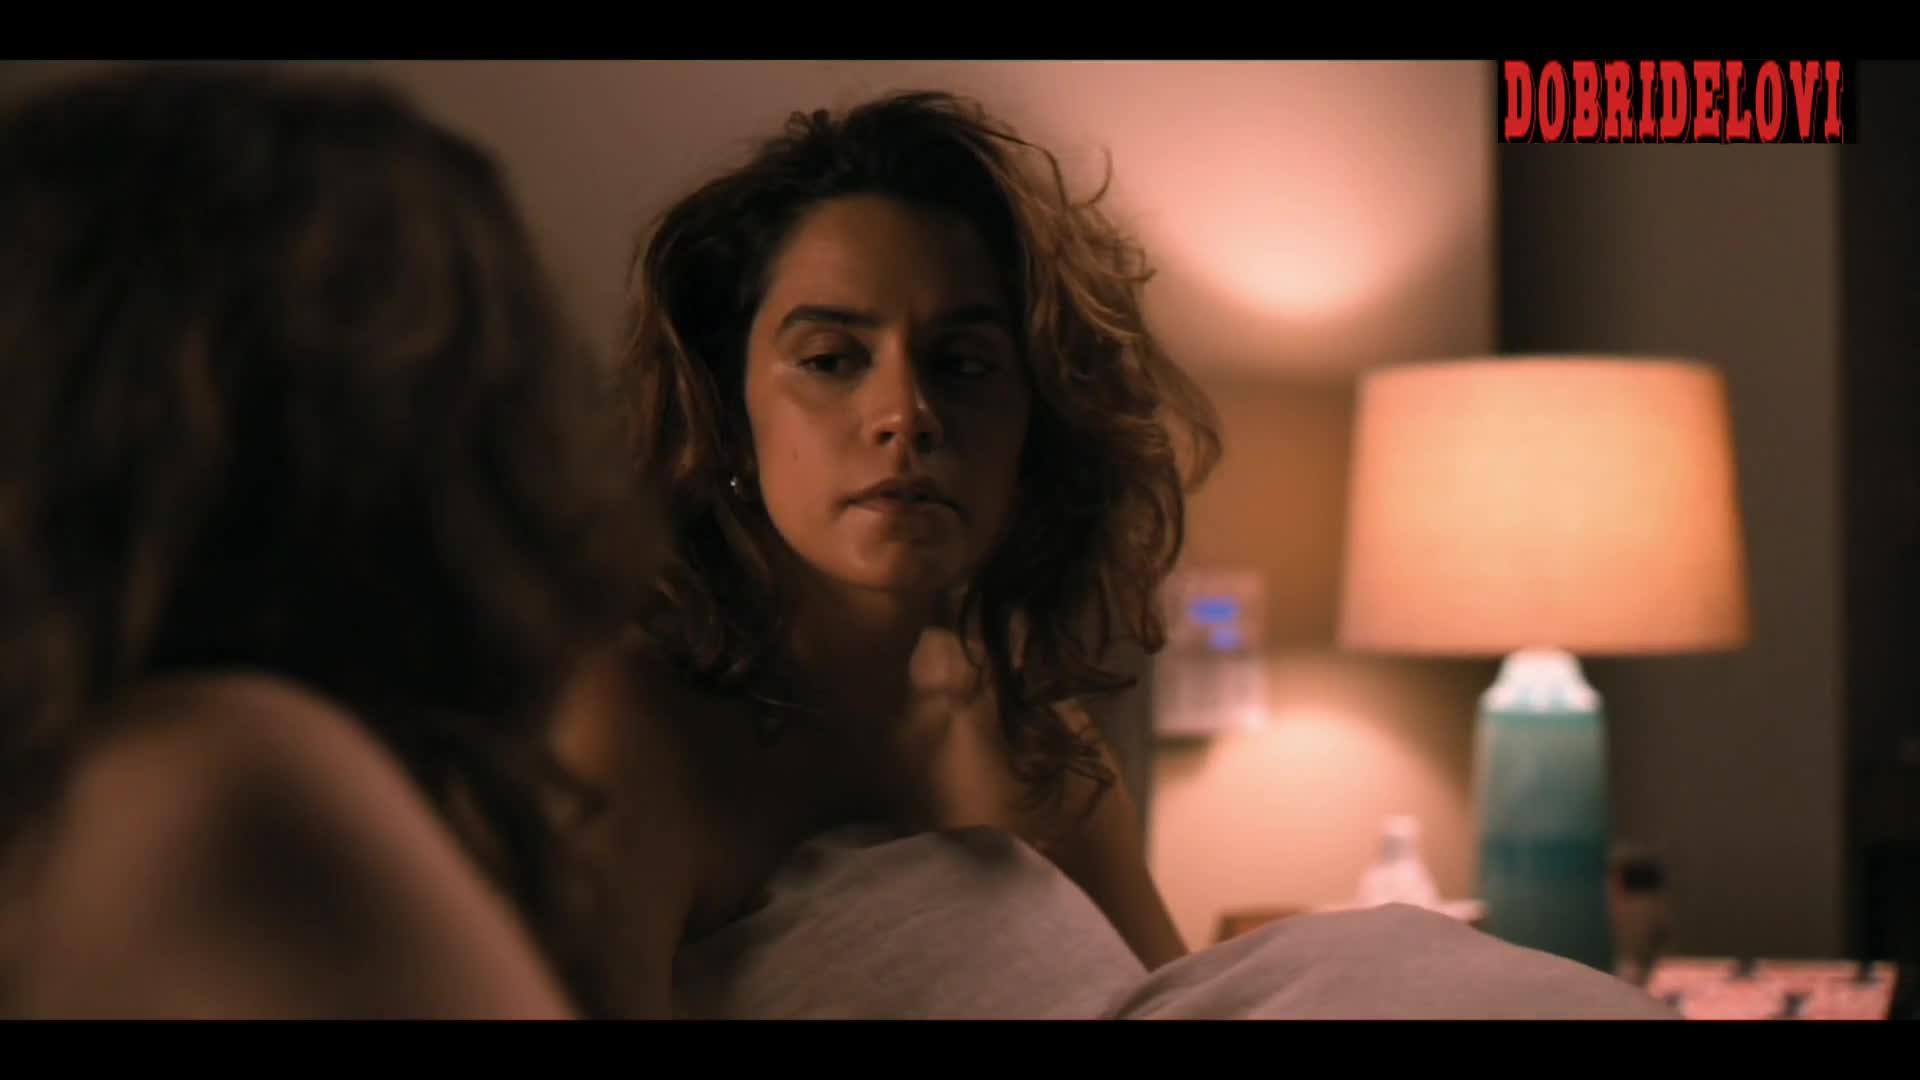 Stephanie Allynne sideboob in bed scene